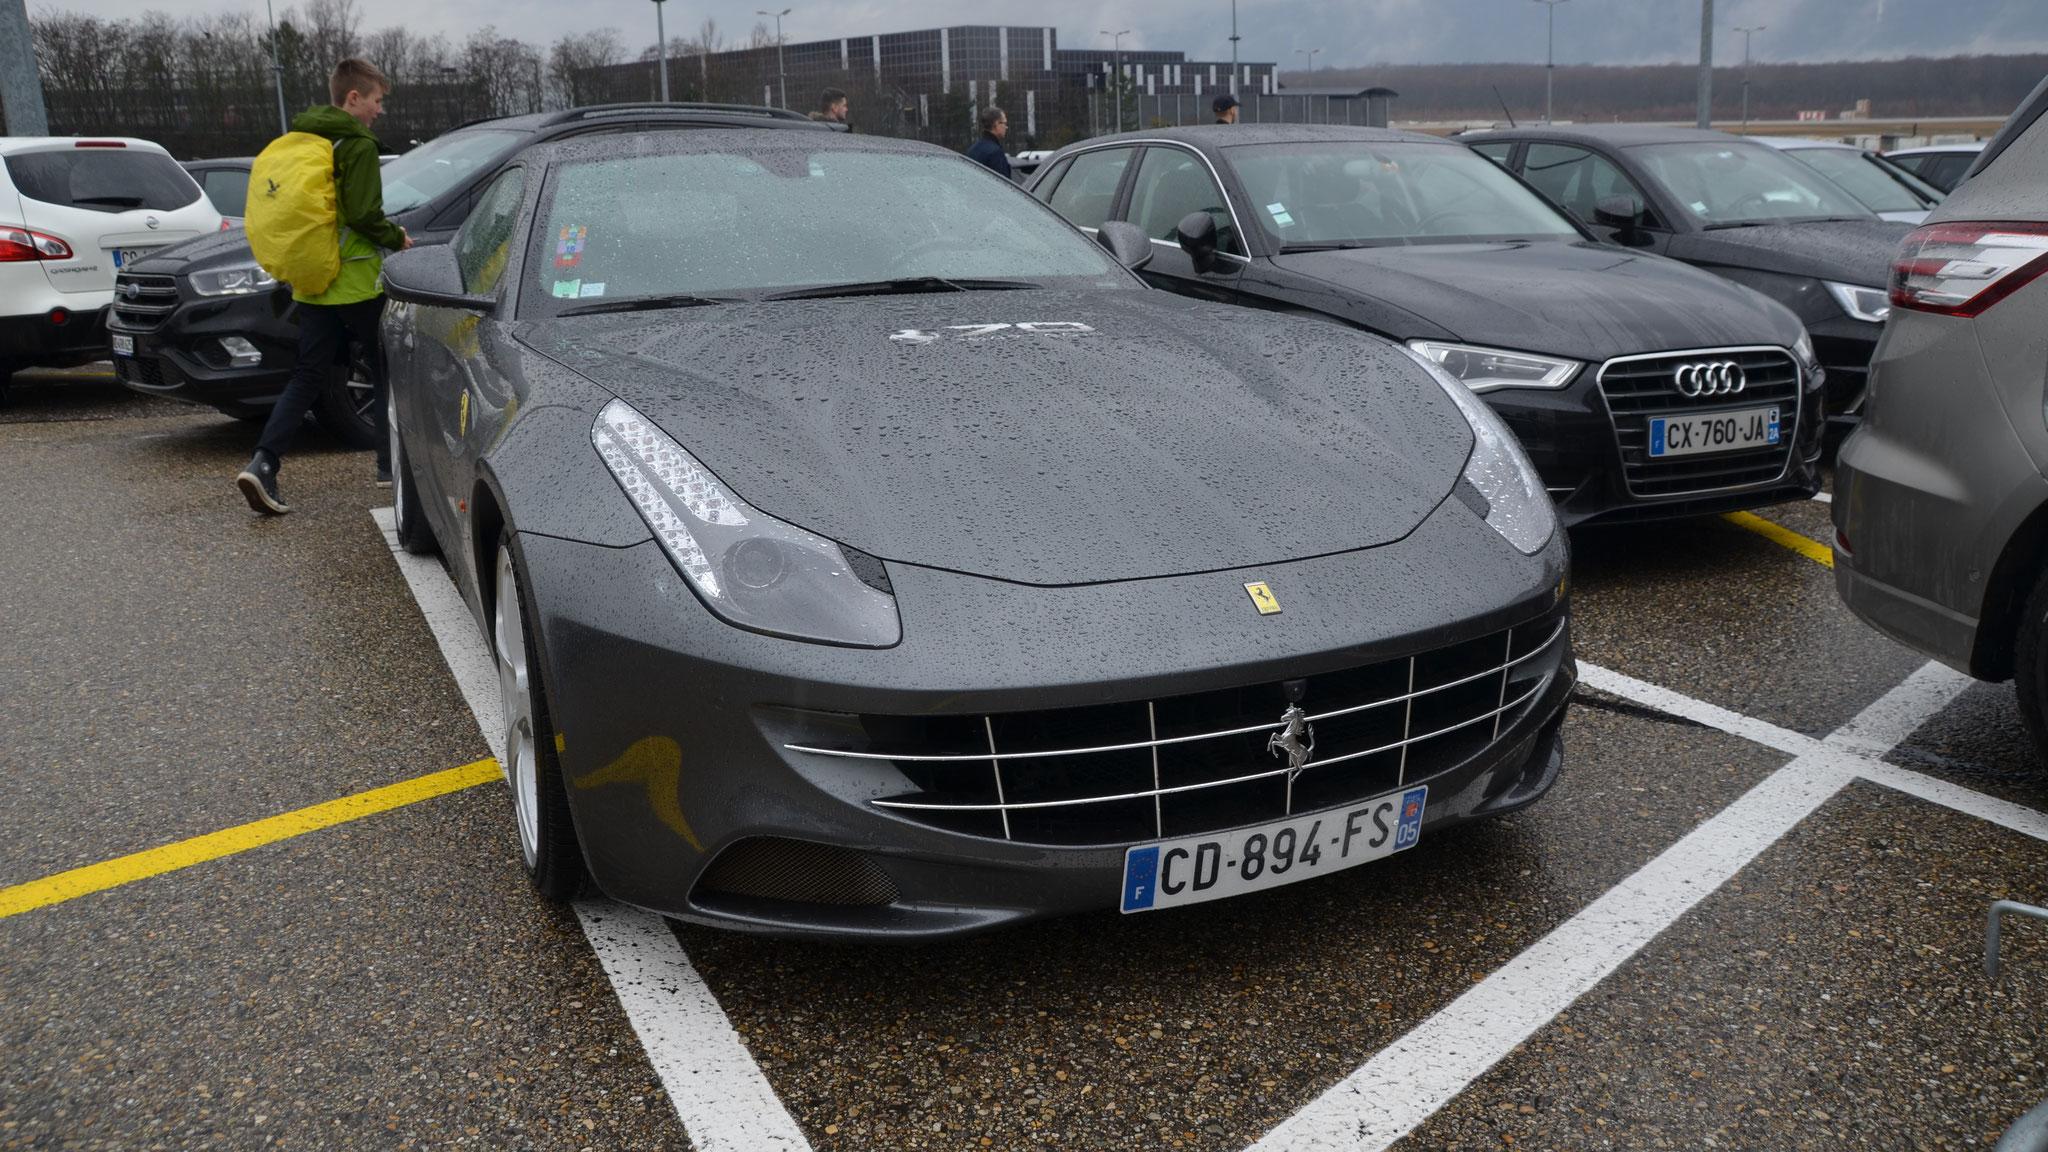 Ferrari FF - CD-894-FS-05 (FRA)